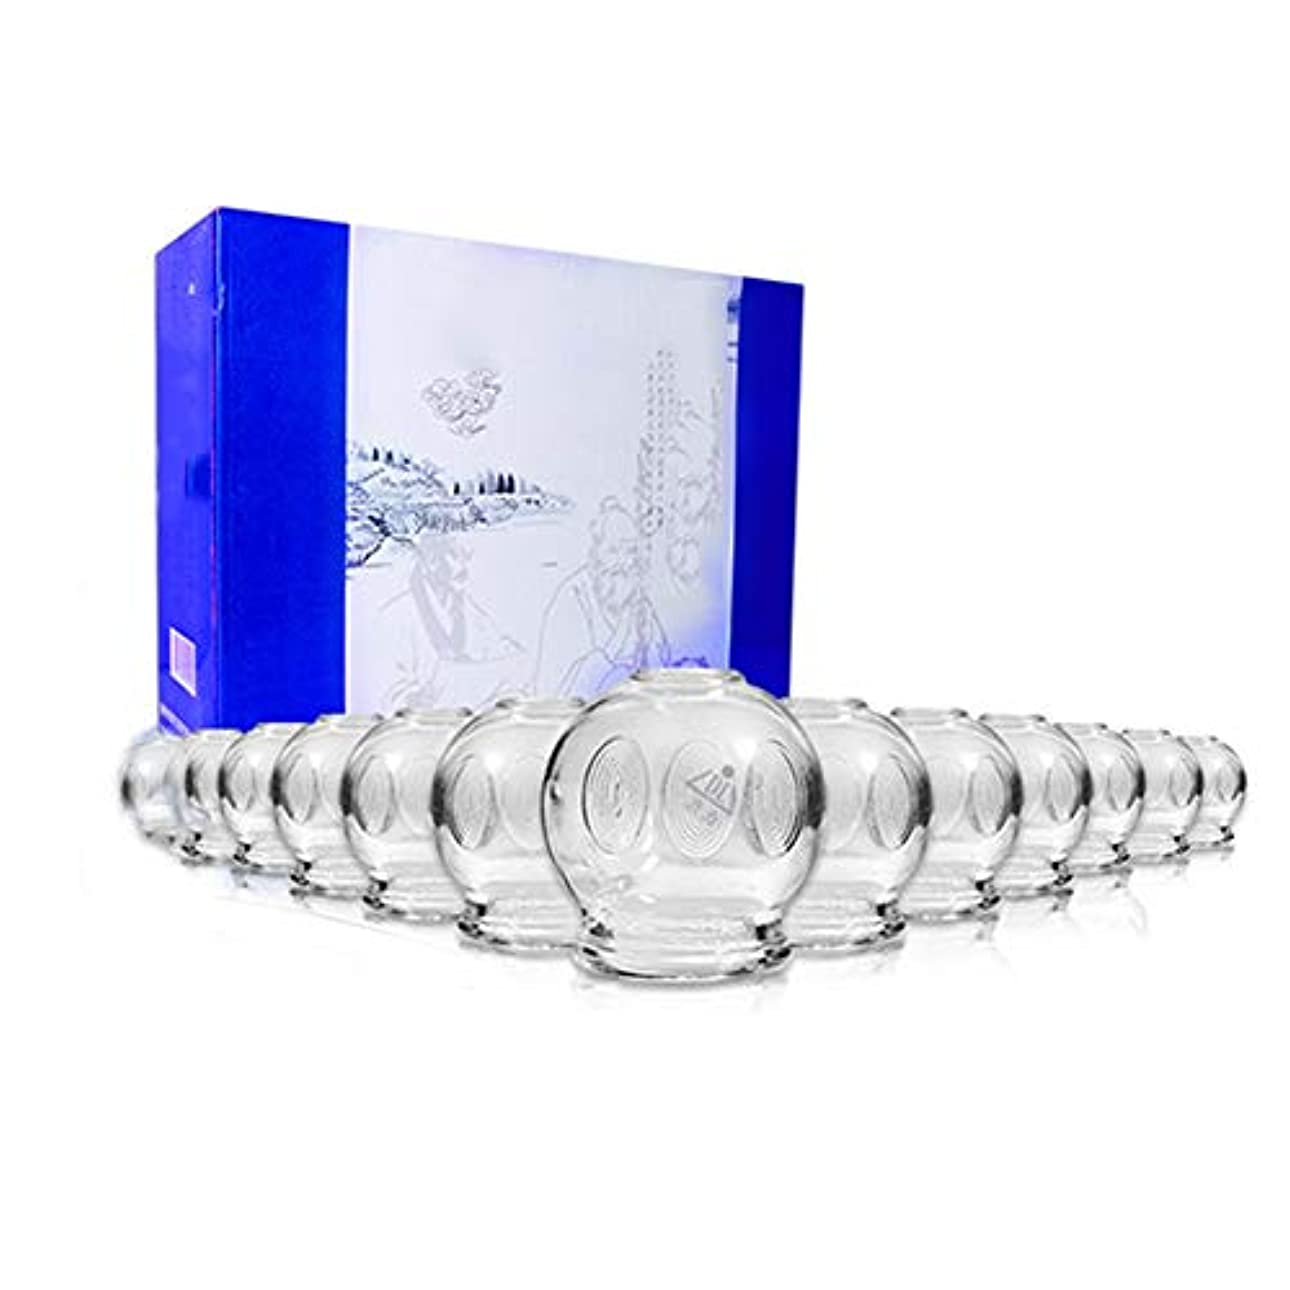 大いに栄養機知に富んだカッピングで吸引エステガラス製カッピングセット真空カッピング16缶厚くて耐久性があり、家庭で筋肉疲労を和らげるのに適しています。